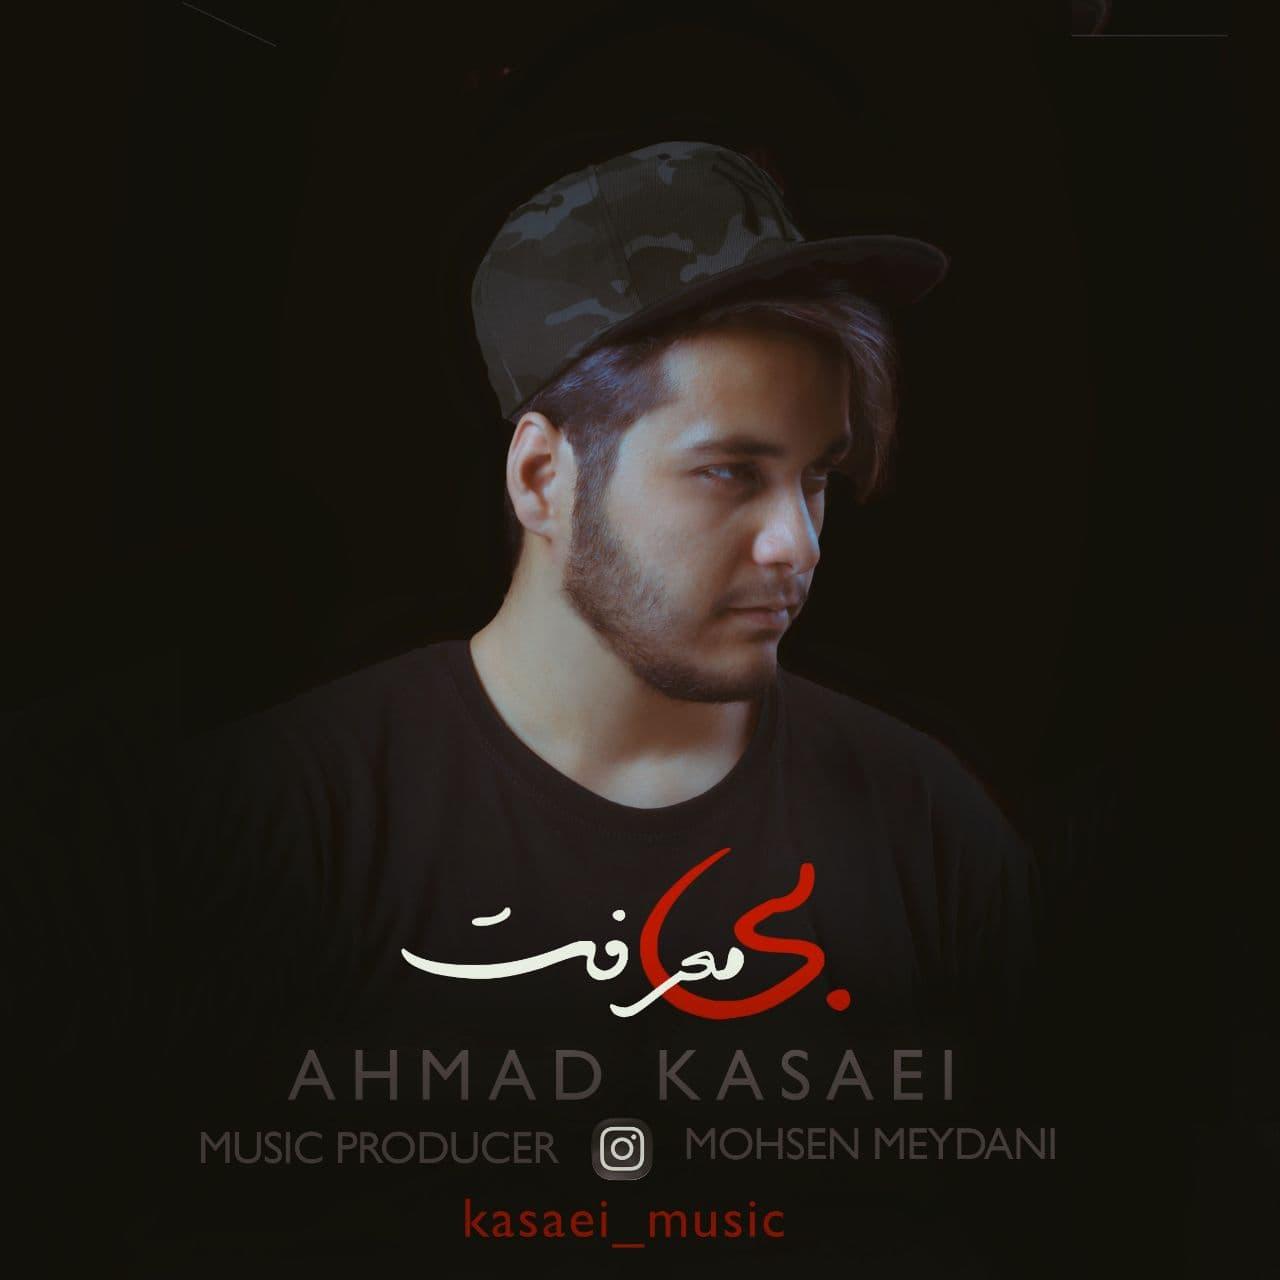 دانلود آهنگ احمد کسایی به نام بی معرفت از موزیک باز